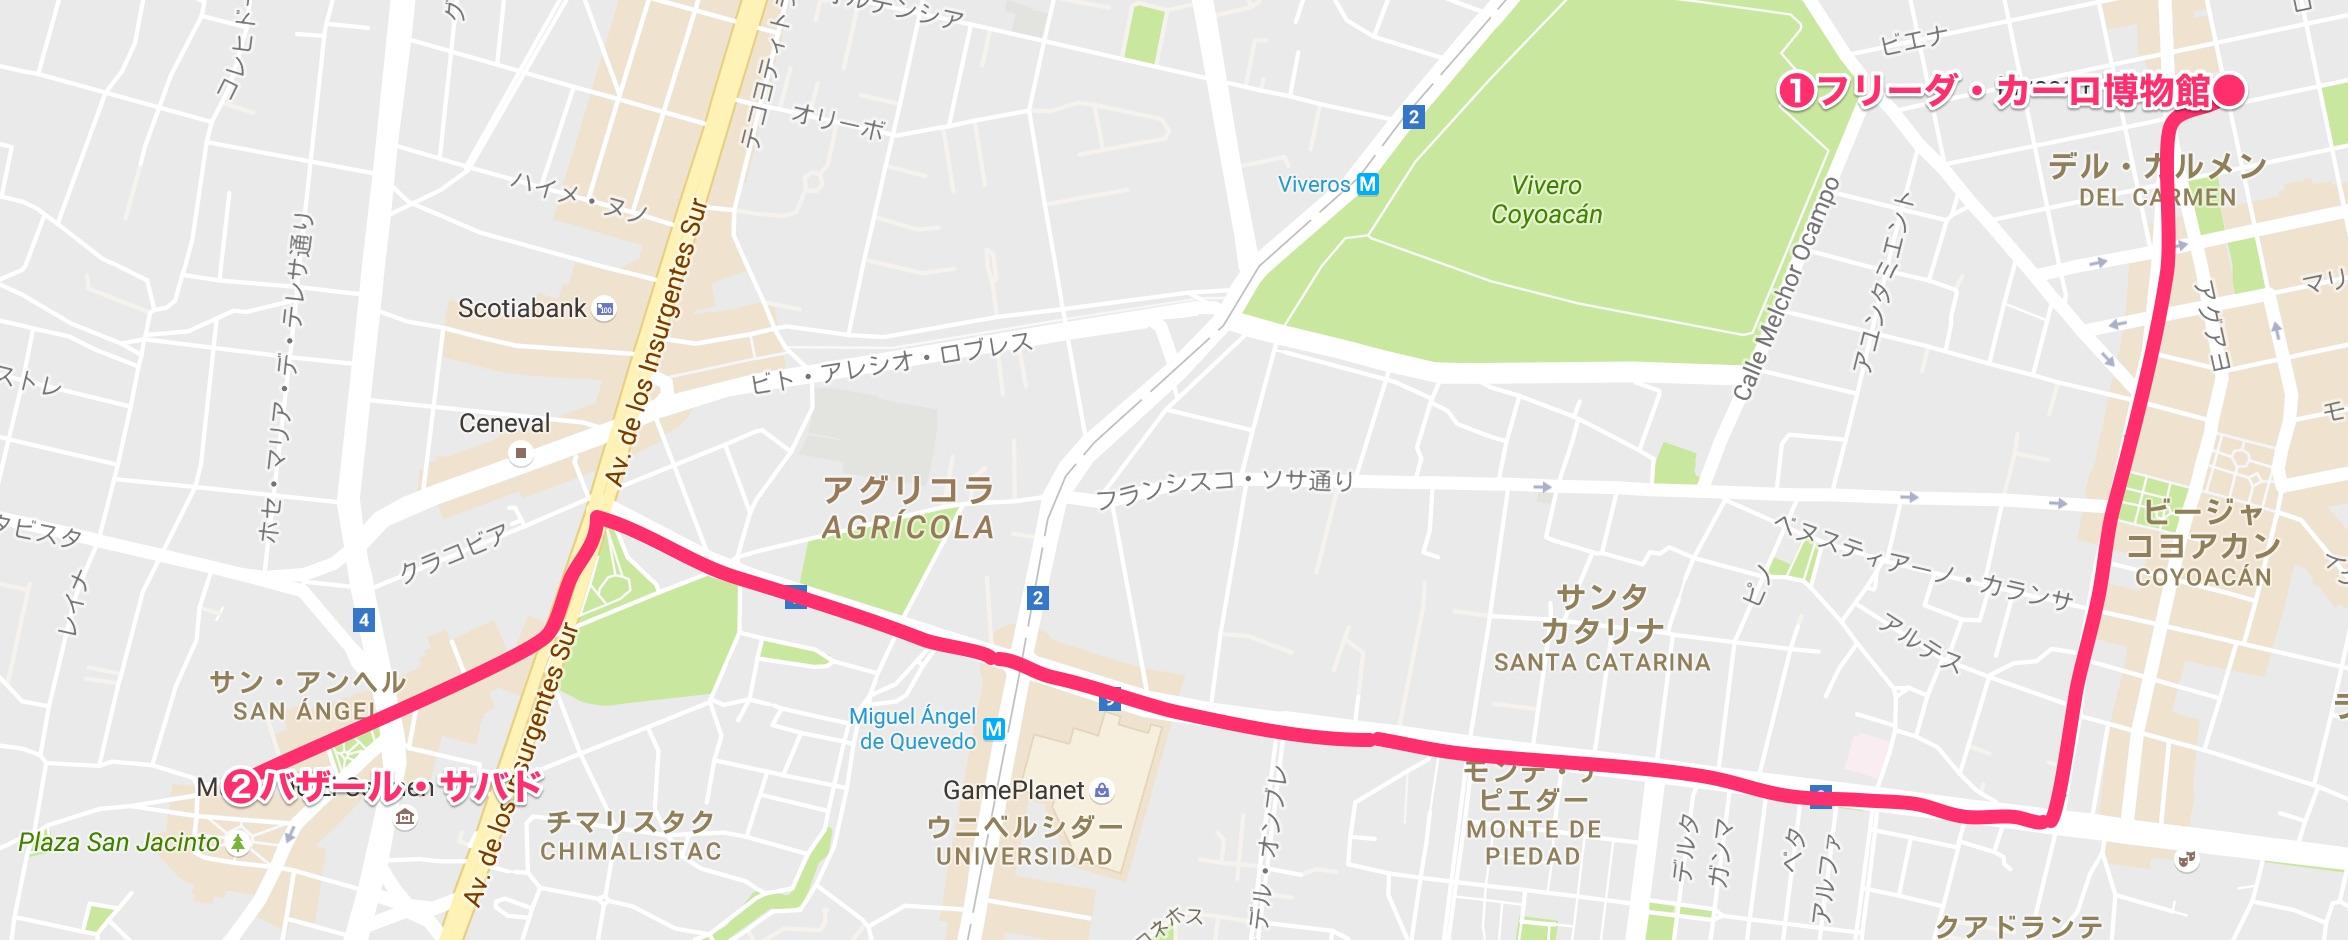 フリーダ・カーロ博物館〜バザール・サバド(メキシコシティ⑥)